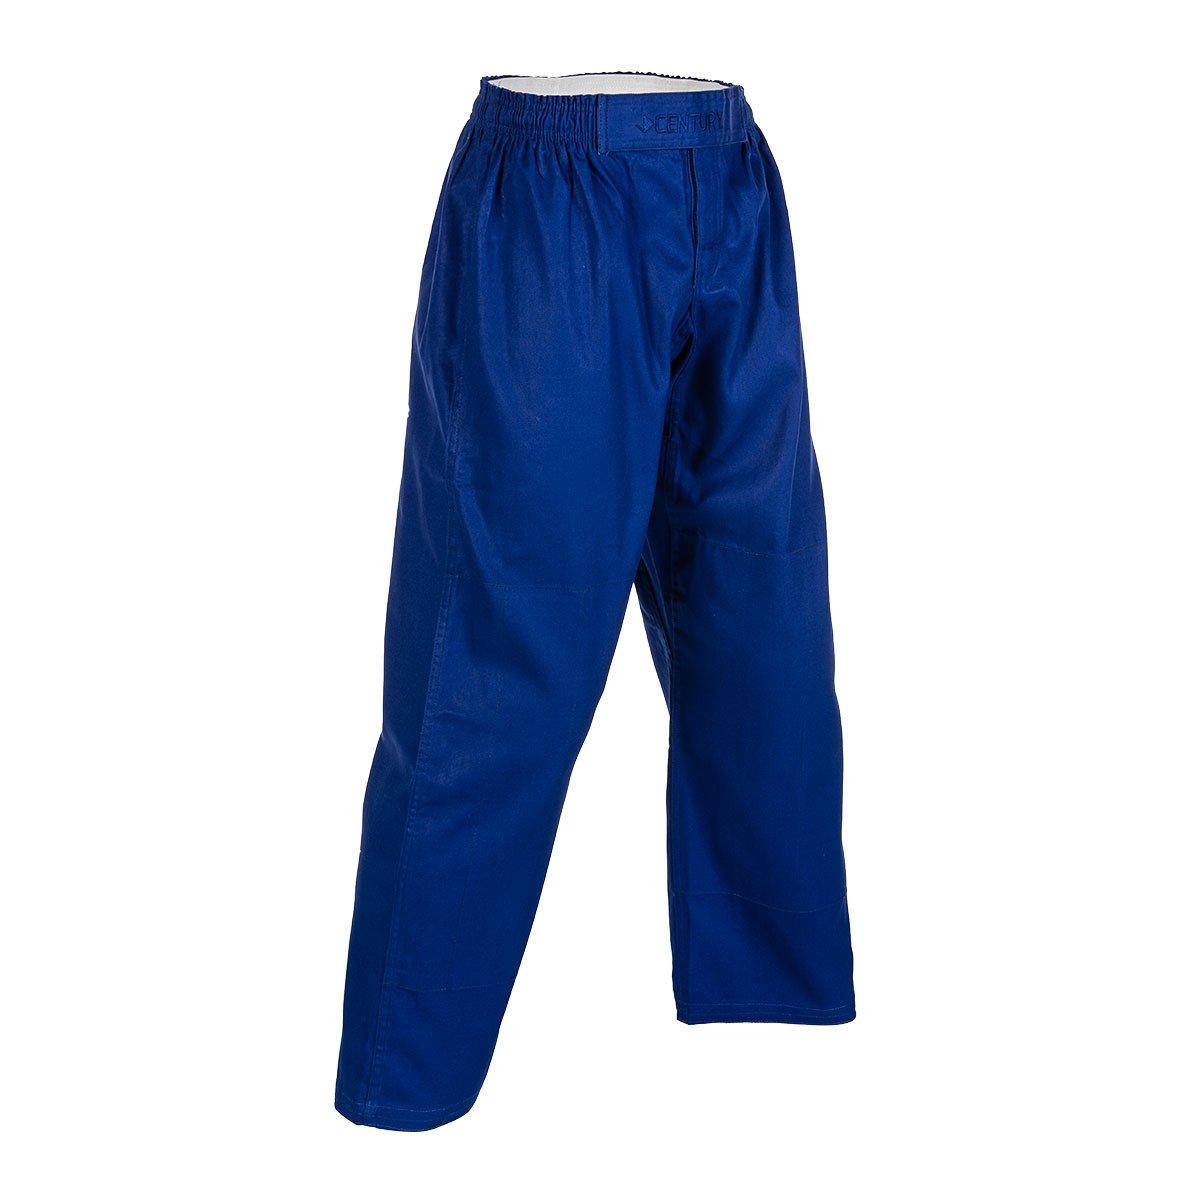 Century® Twill Hybrid Waist Brazilian Jujitsu Pant